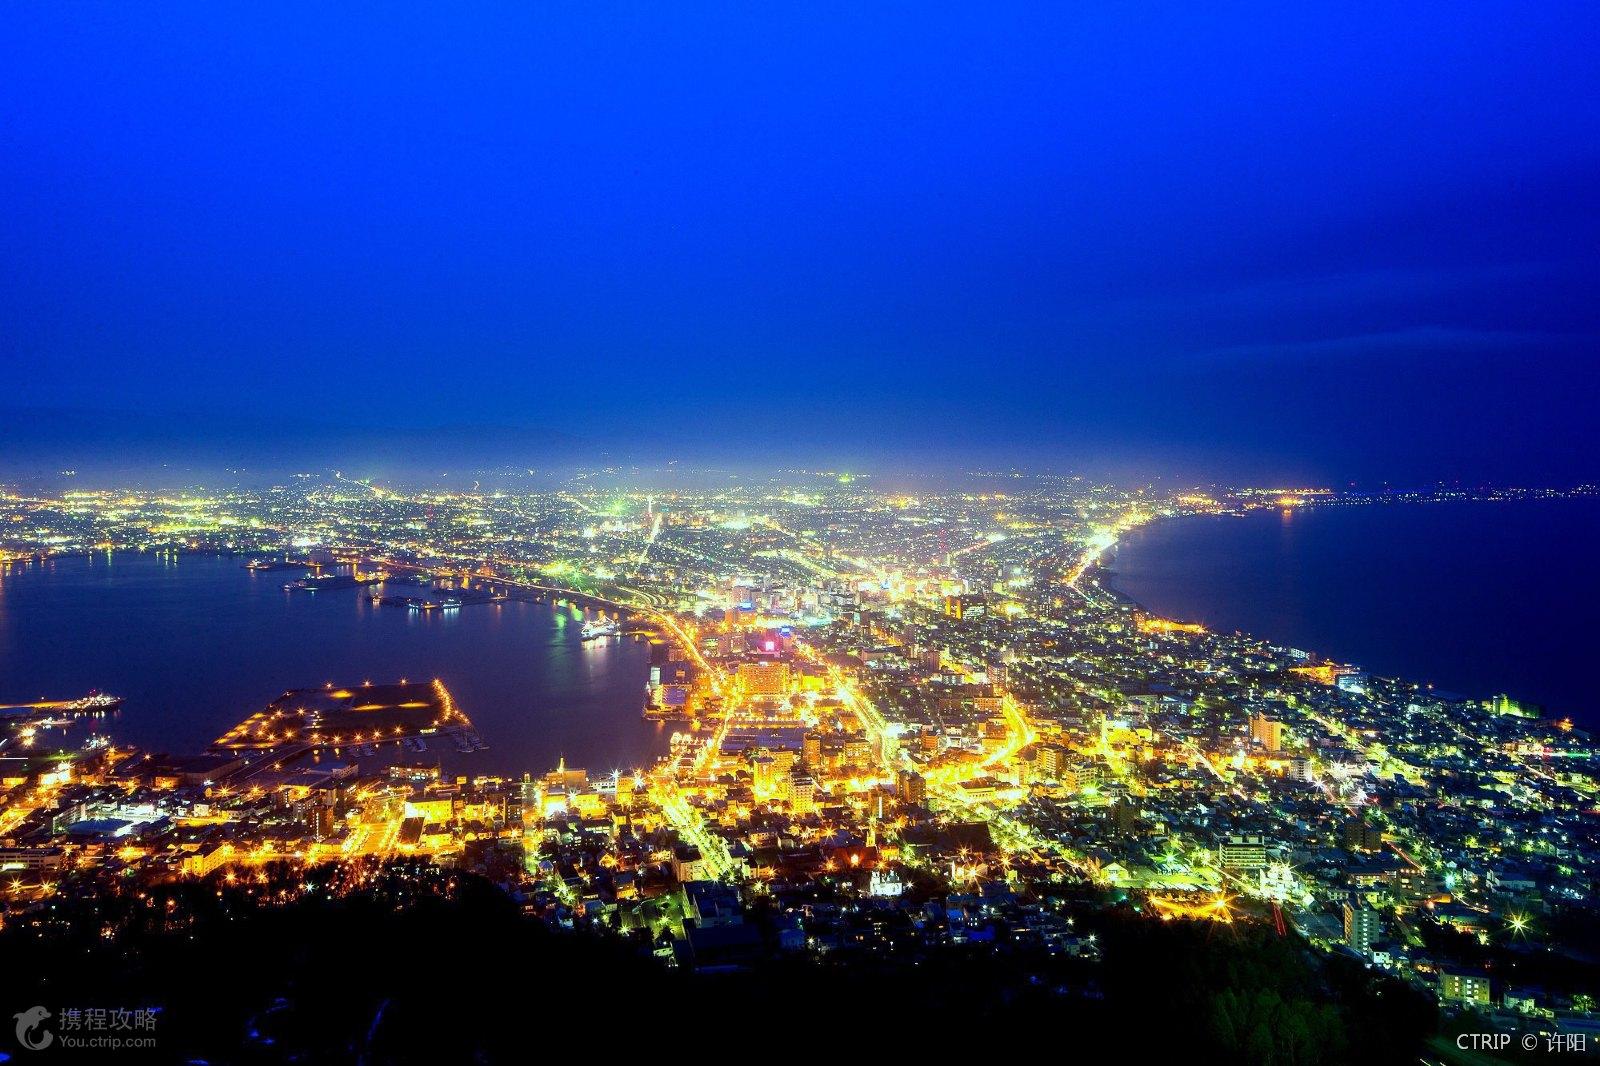 【双人立减600元】日本北海道5晚6日游  纵览函馆山、札幌、小樽、登别、洞爷湖